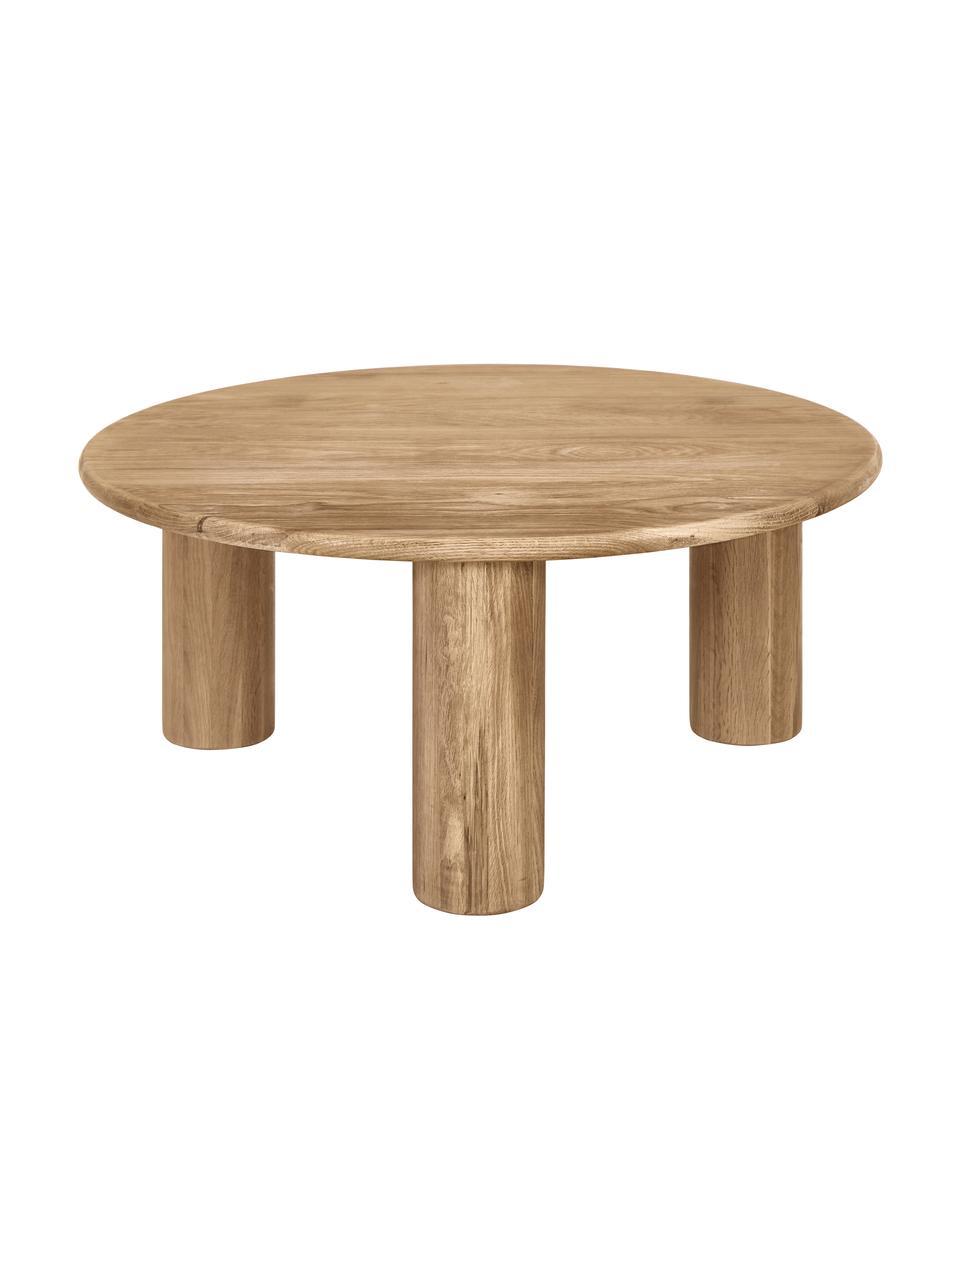 Couchtisch Didi aus Eichenholz, Massives Eichenholz, geölt, Braun, Ø 80 x H 35 cm